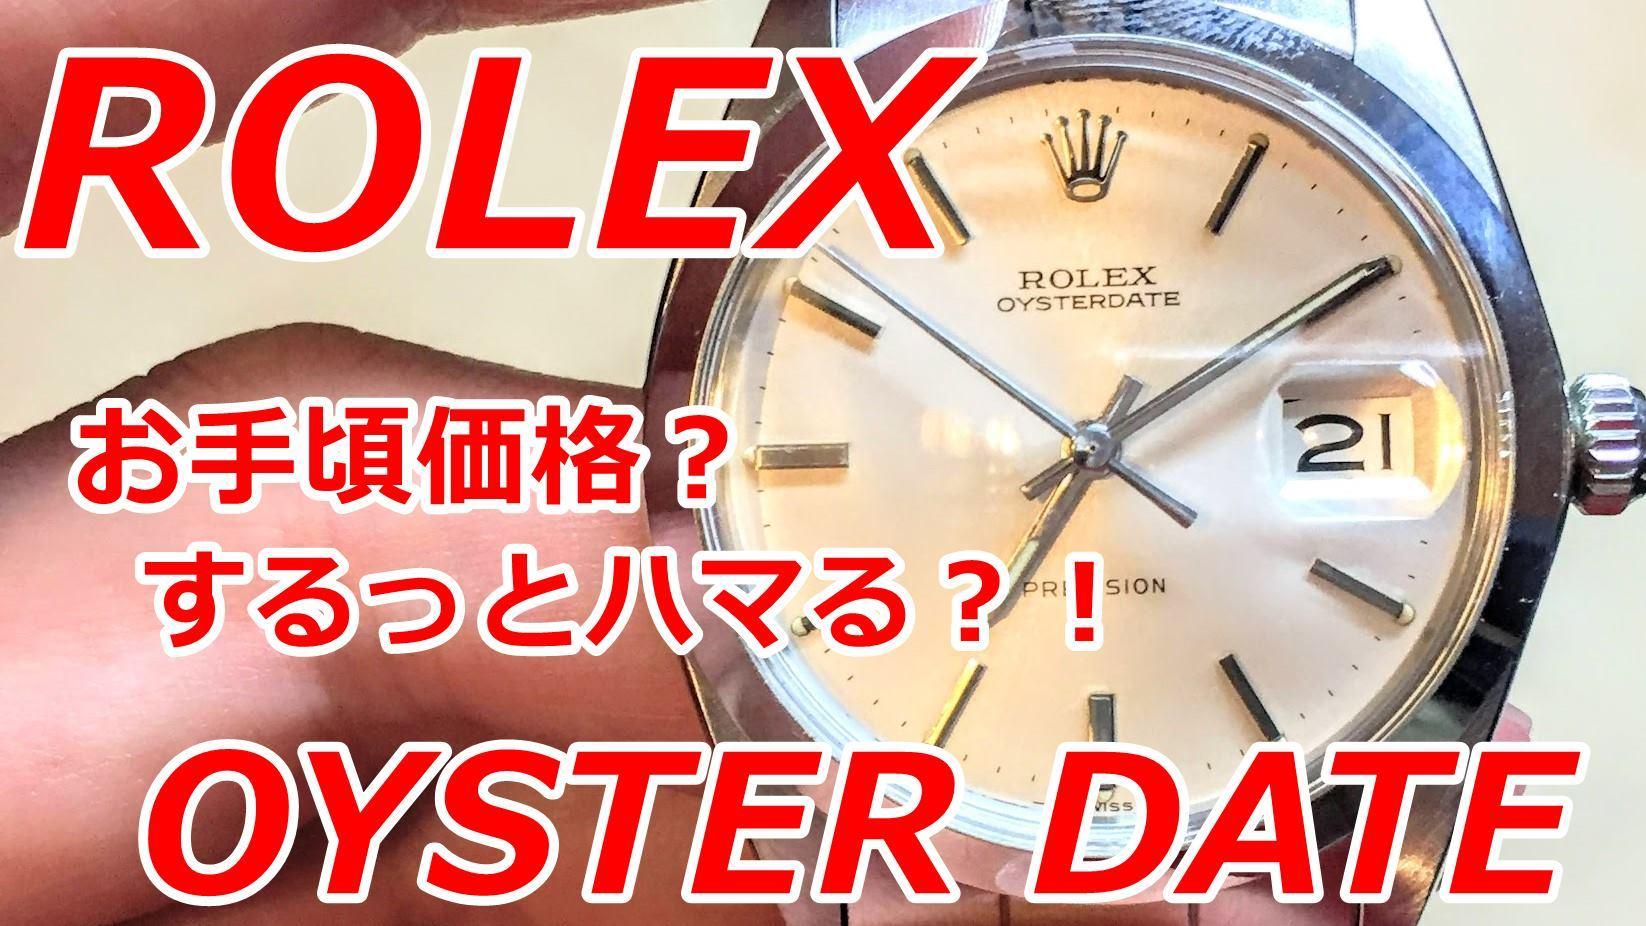 ビンテージロレックスオイスターデイト ROLEX OYSTERDATE Ref.6694